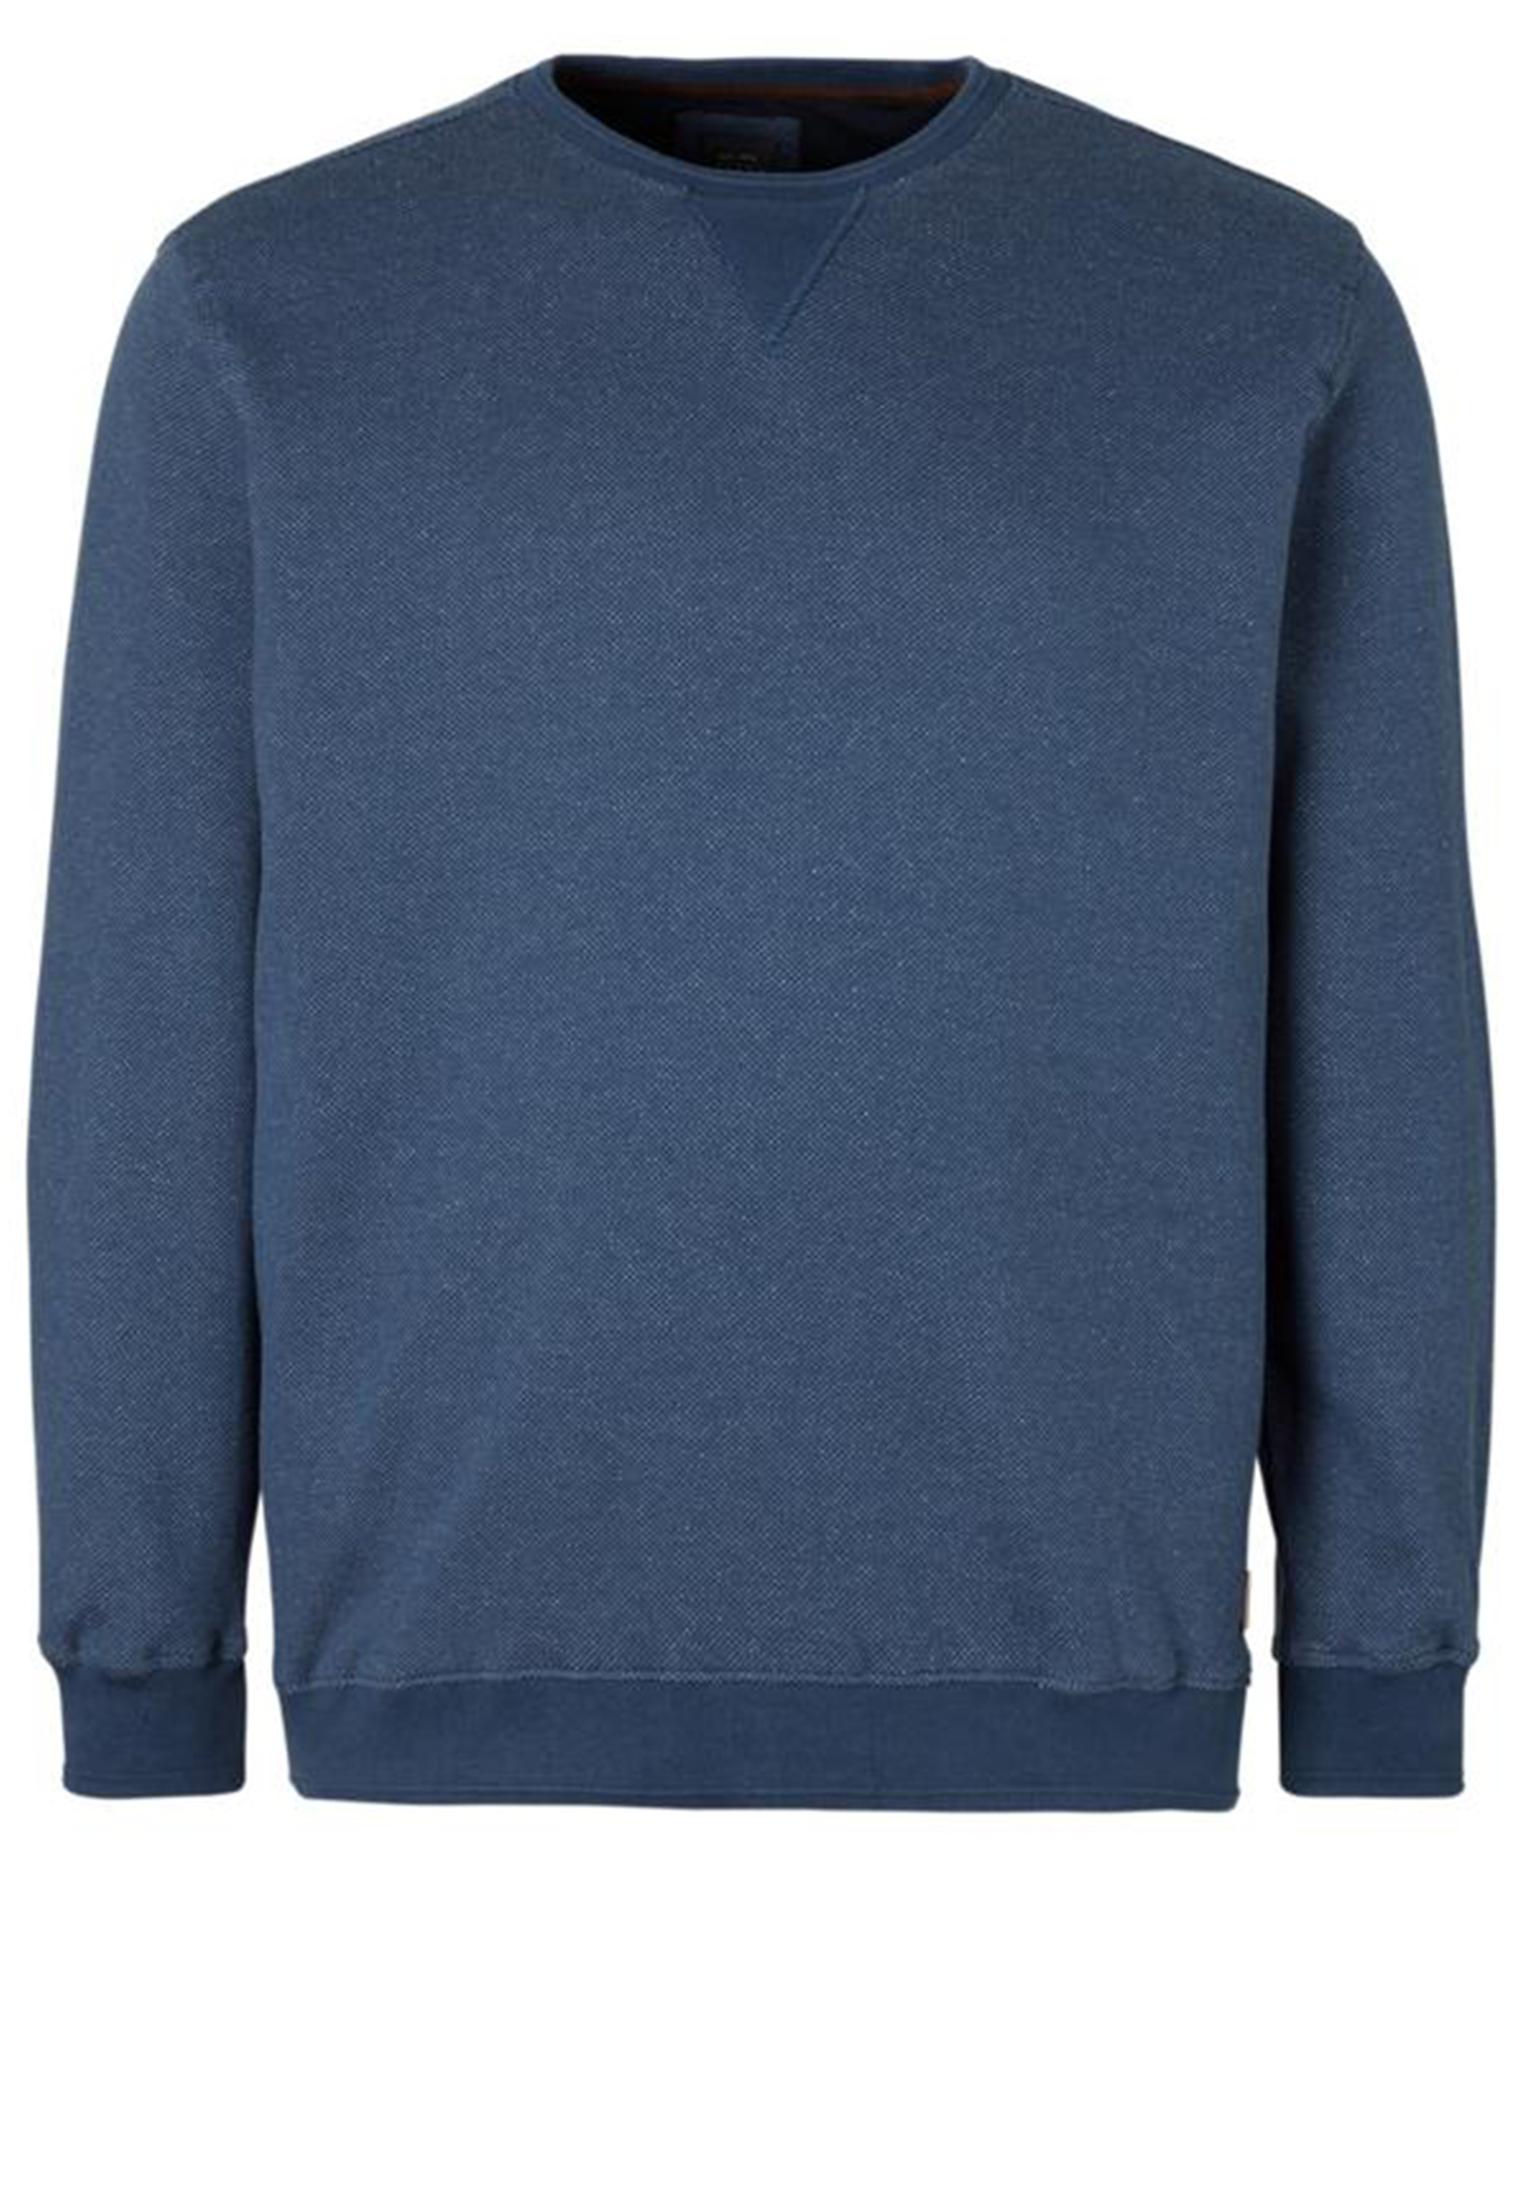 Leuke kwalitatieve sweater van het merk Kitaro gemaakt van een lekkere zachte stof. Deze blauwe trui met witte accenten in de stof heeft een ronde hals van elastische rib-stof en elastische rib-stof aan de mouwen en zoom, dit geeft de sweater een mooie pasvorm.